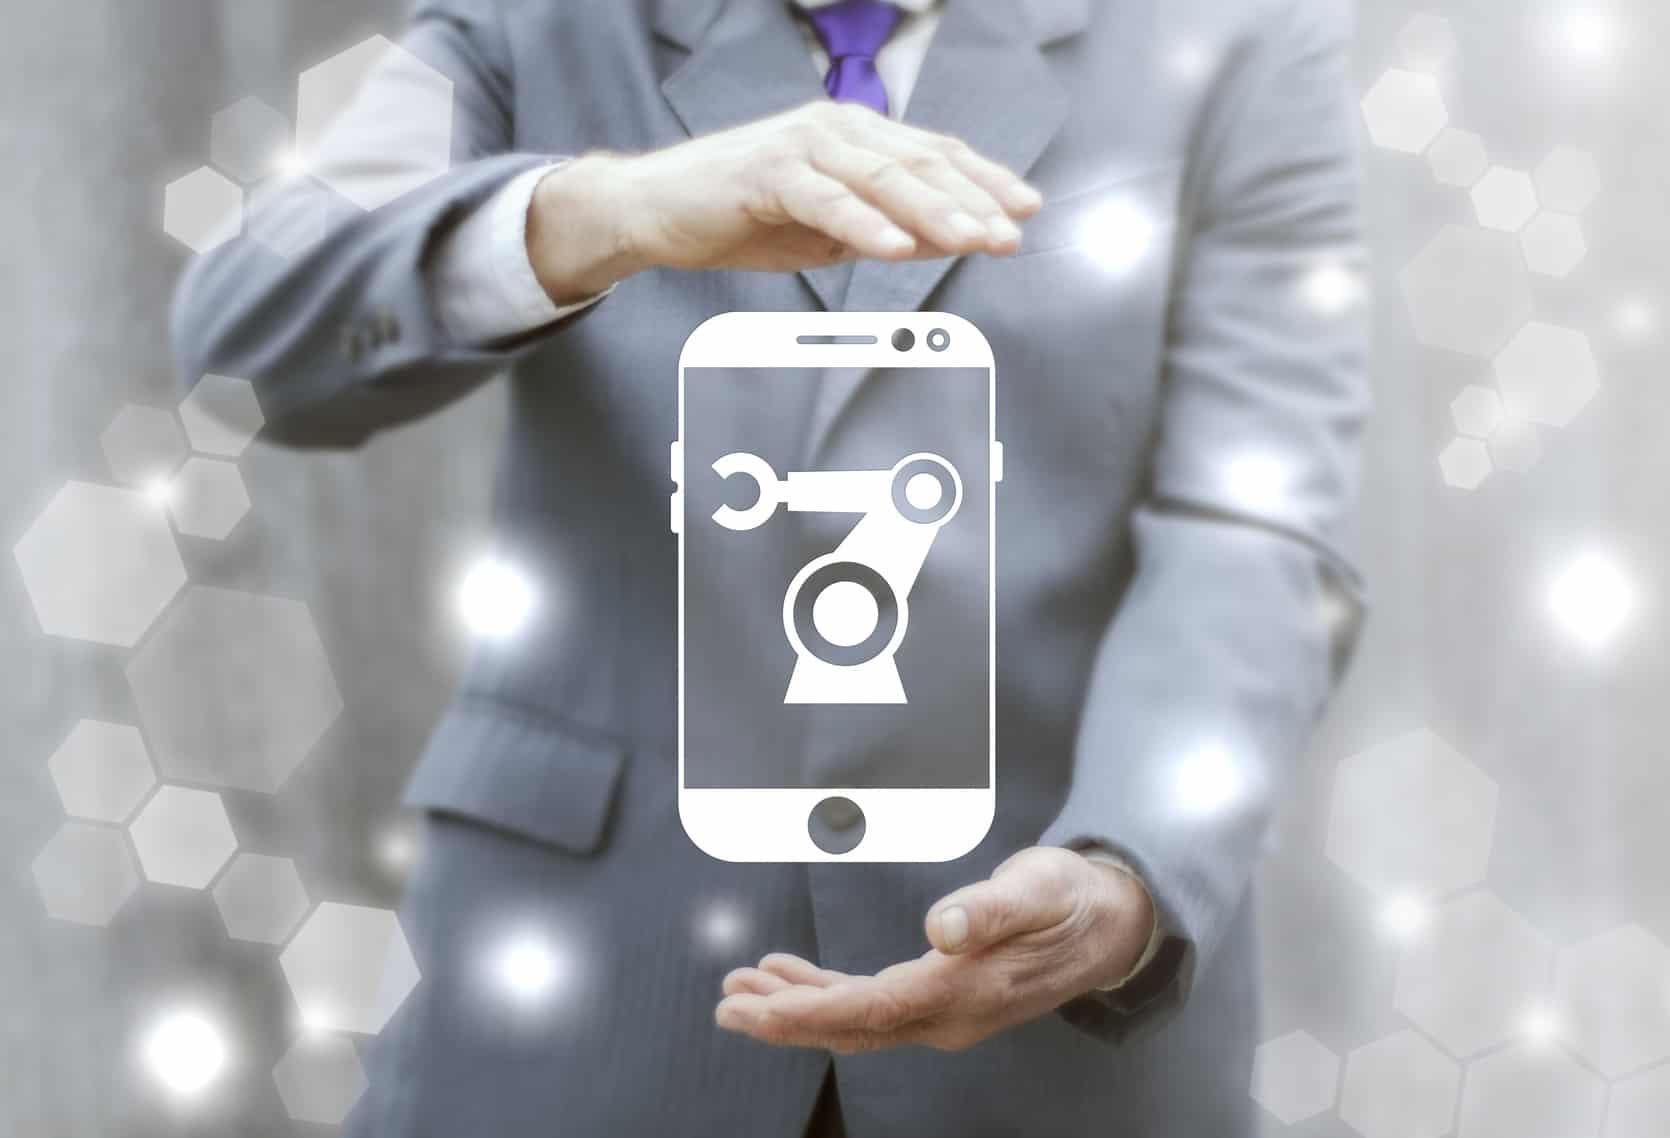 Una vez que arranque la Red Compartida,Axtelplanea agregar unOperador Móvil Virtual (OMV)a su oferta de servicios, el cual estaría enfocado al segmento empresarial, comentó este jueves Julio Salinas Lombard, director de Comunicación Corporativa de la compañía.